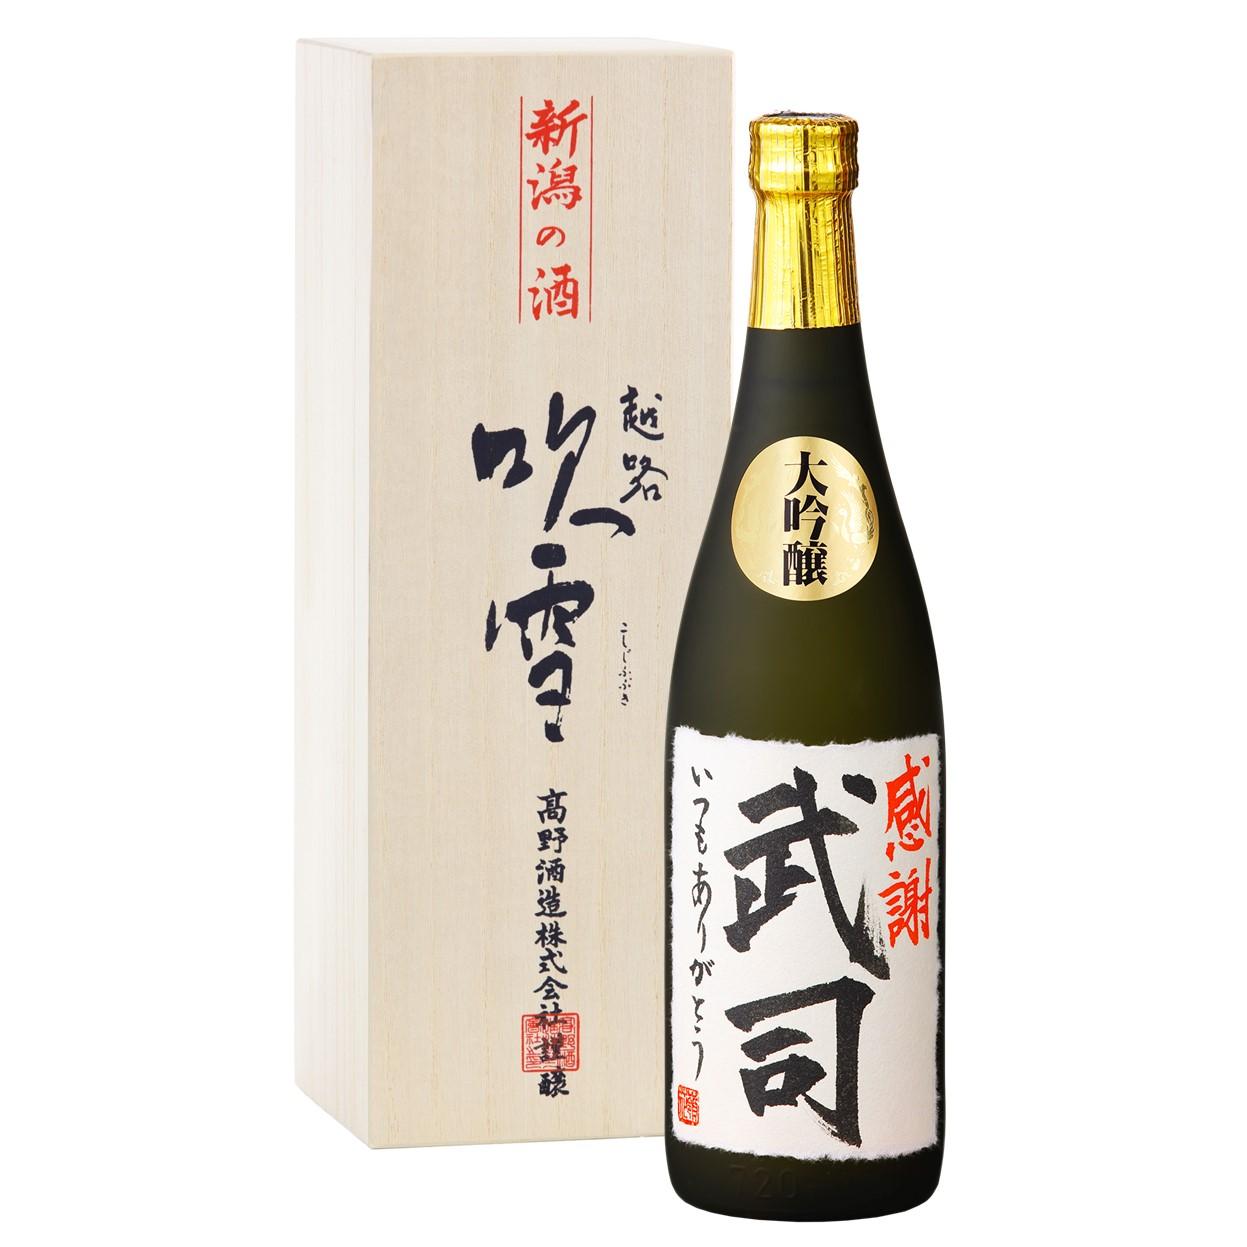 名入れ 日本酒 大吟醸 書道師範 毛筆手書きラベル 720ml 桐箱入 新潟 高野酒造